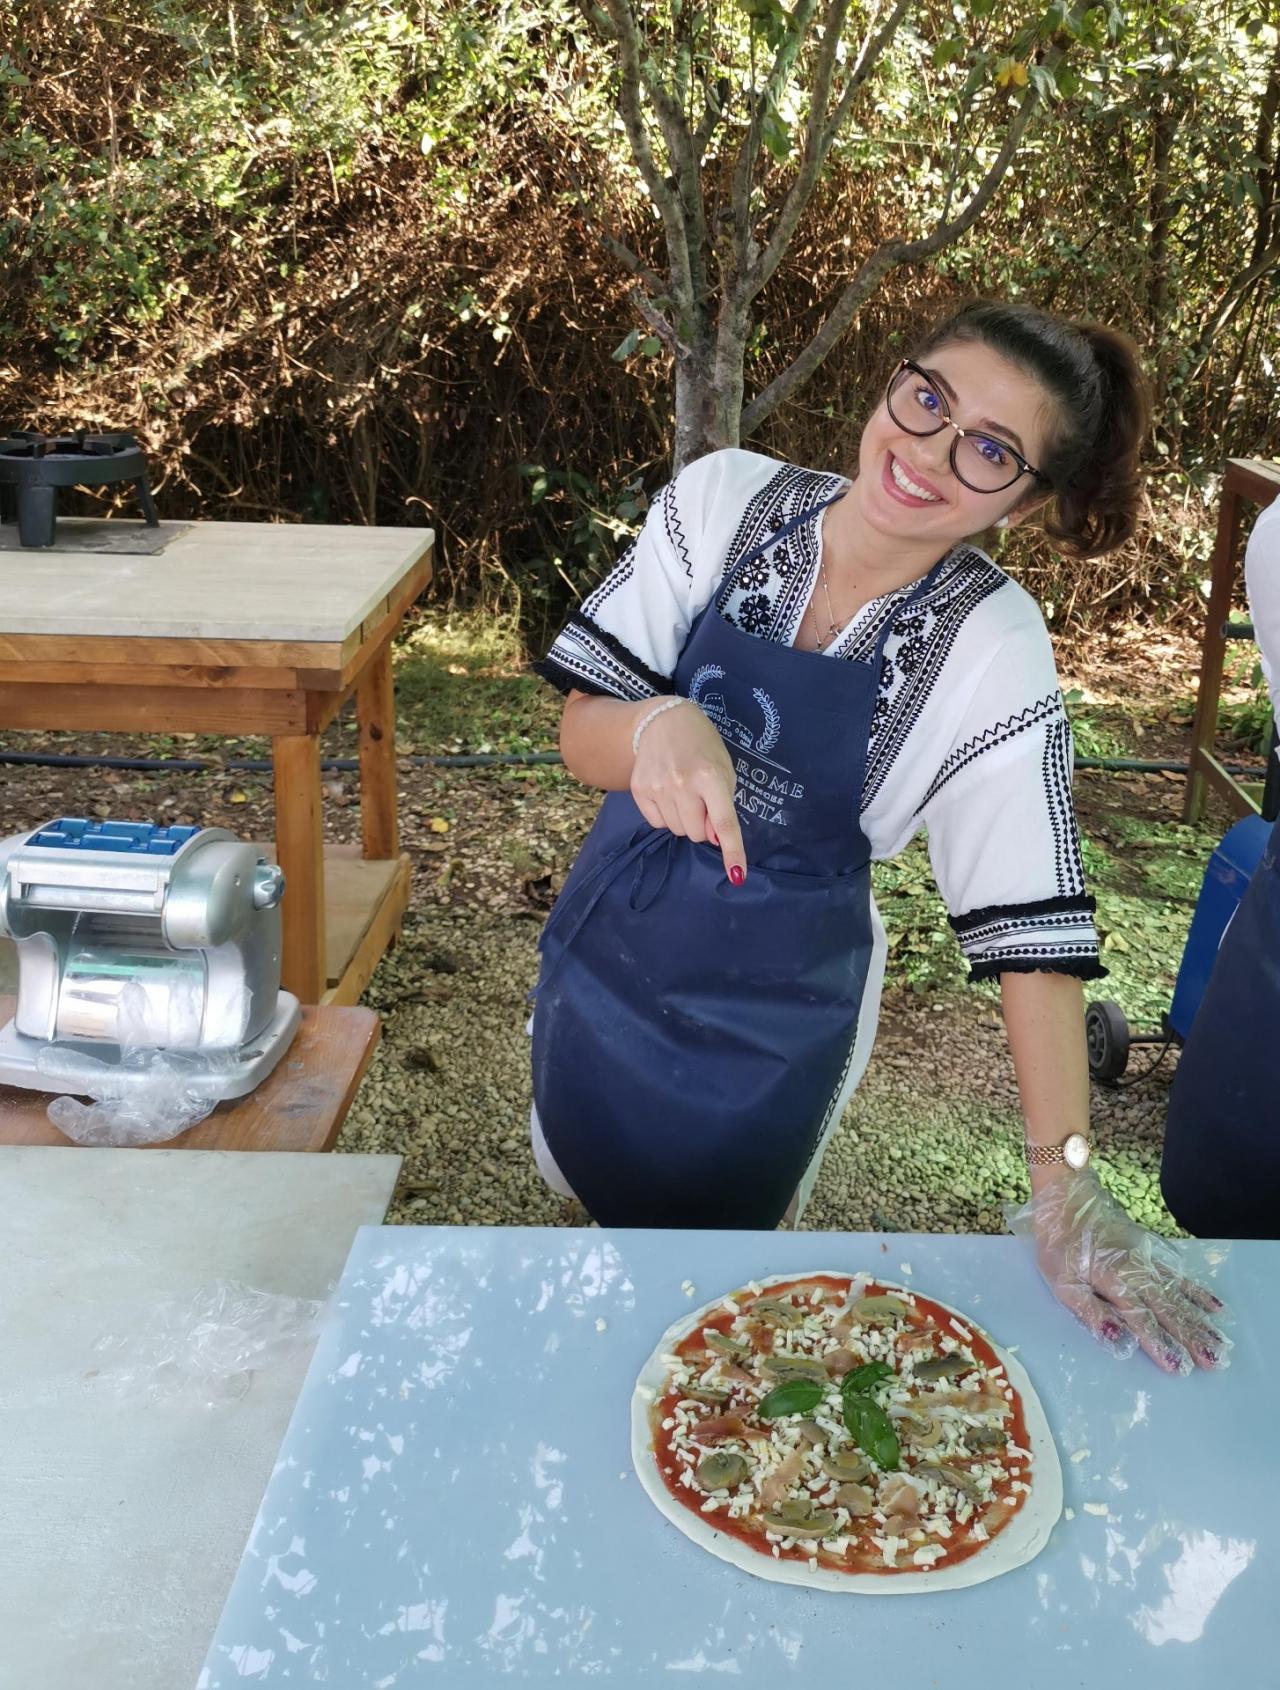 Curs pizza - Roma Italia